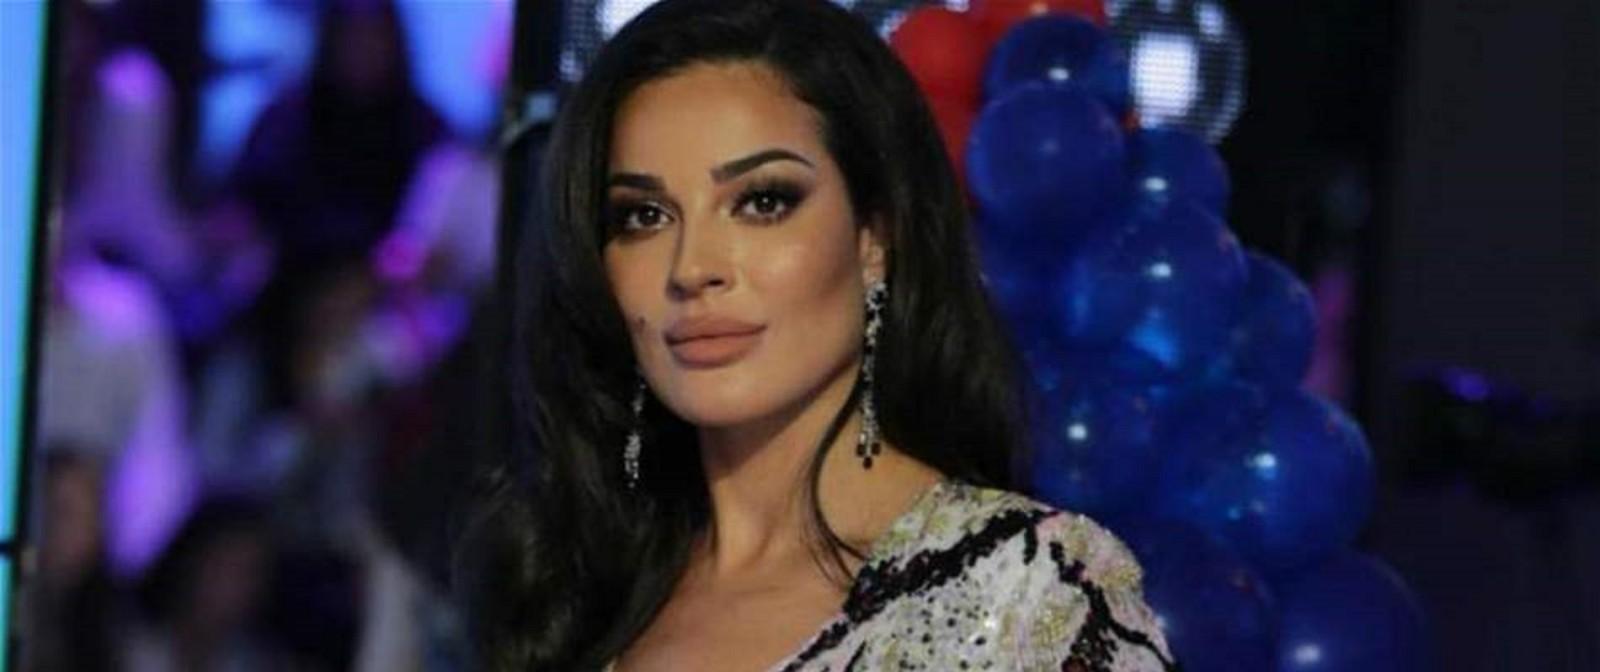 """نادين نسيب نجيم بإطلالة مبهرة وتقول: """"شو رأيكن انتو؟""""-بالصورة"""